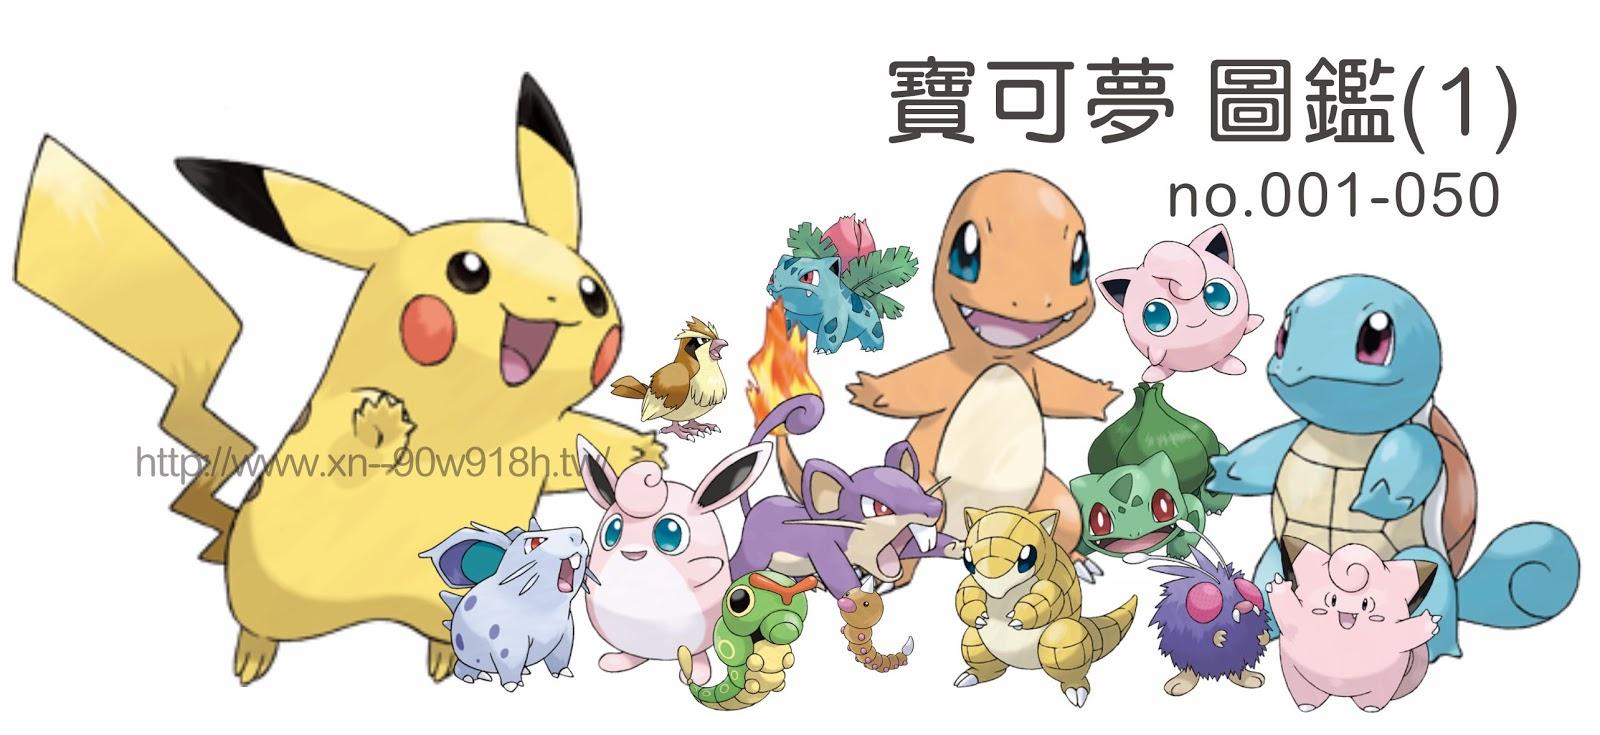 五互集團龍海生活事業-資訊生活家: 超夯~Pokemon Go 精靈寶可夢 圖鑑(part1.) NO.001-050|五互集團/萵萵荳